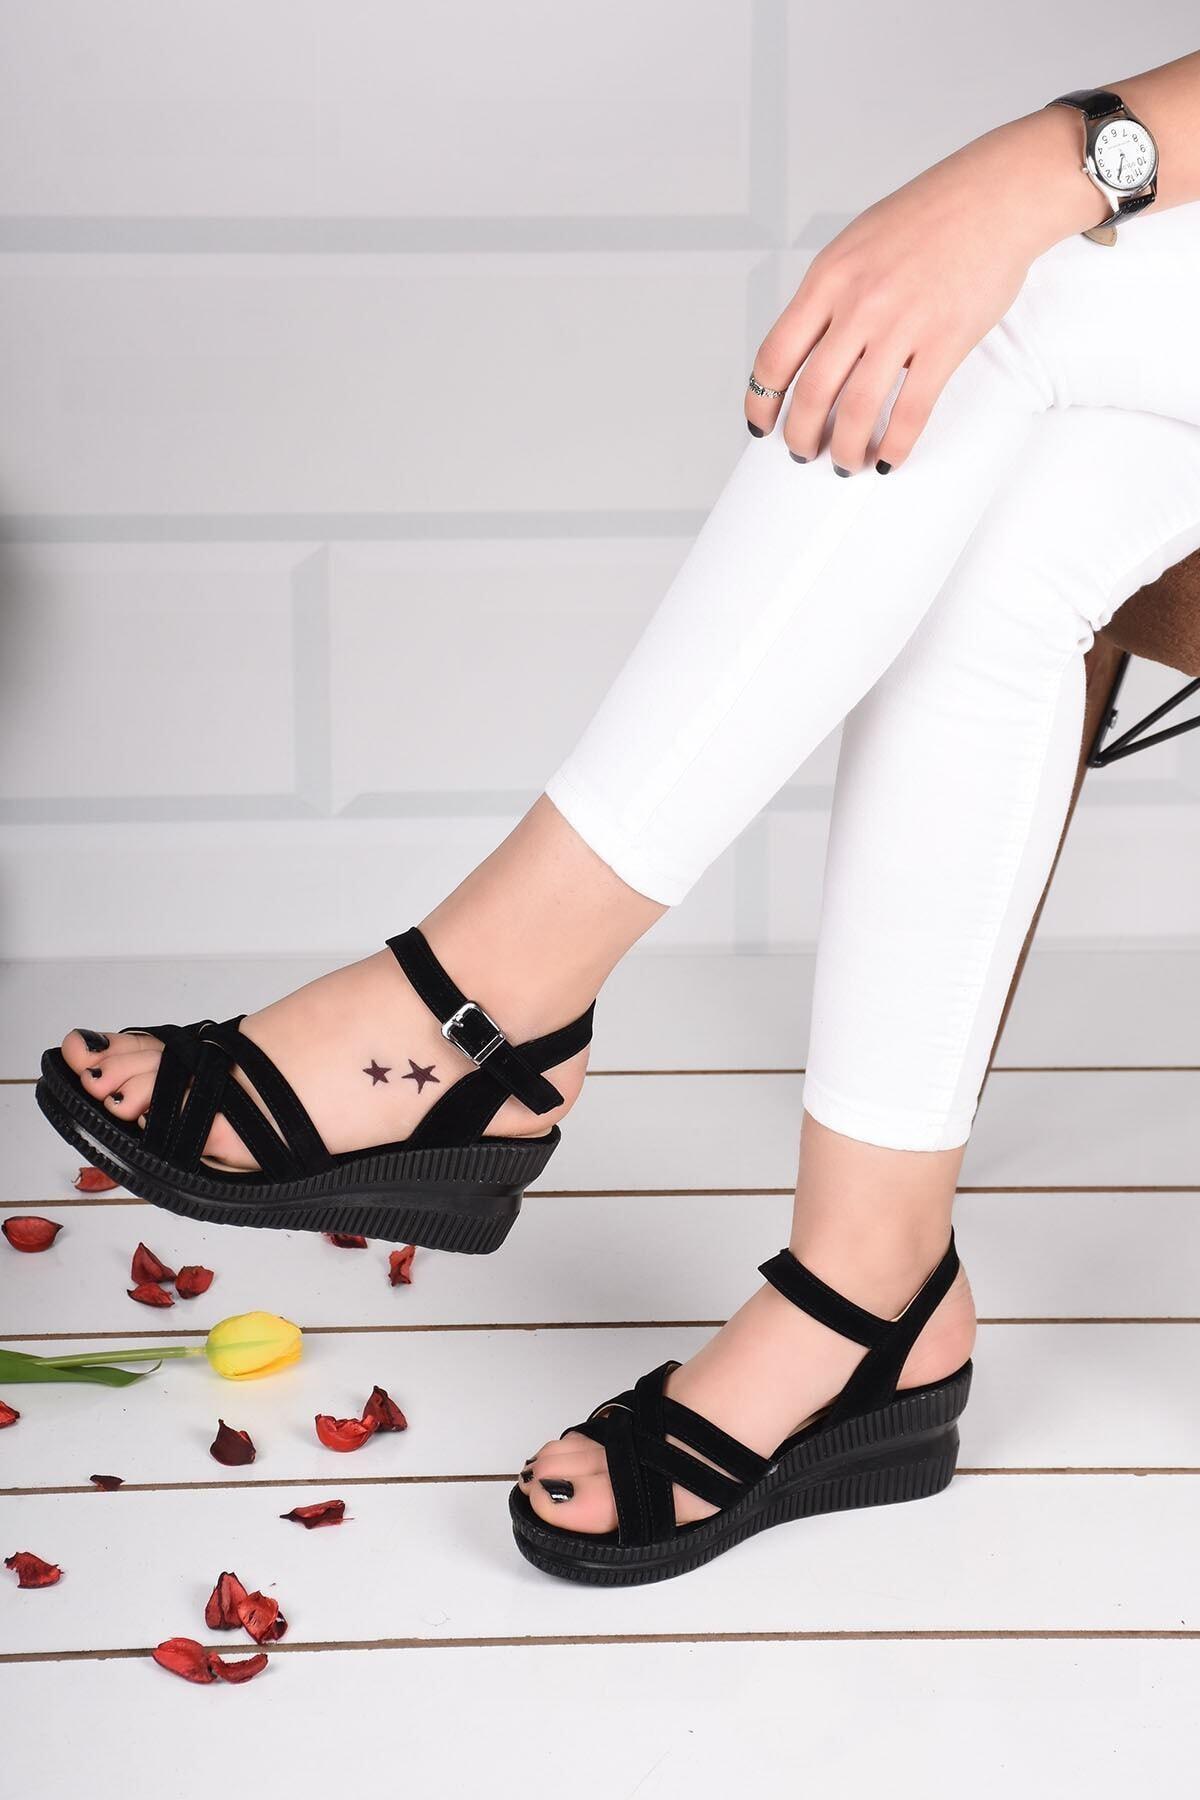 mihra home Kadın Topuklu Sandalet Terlik Siyah Süet Bilekten Bağlamalı 2